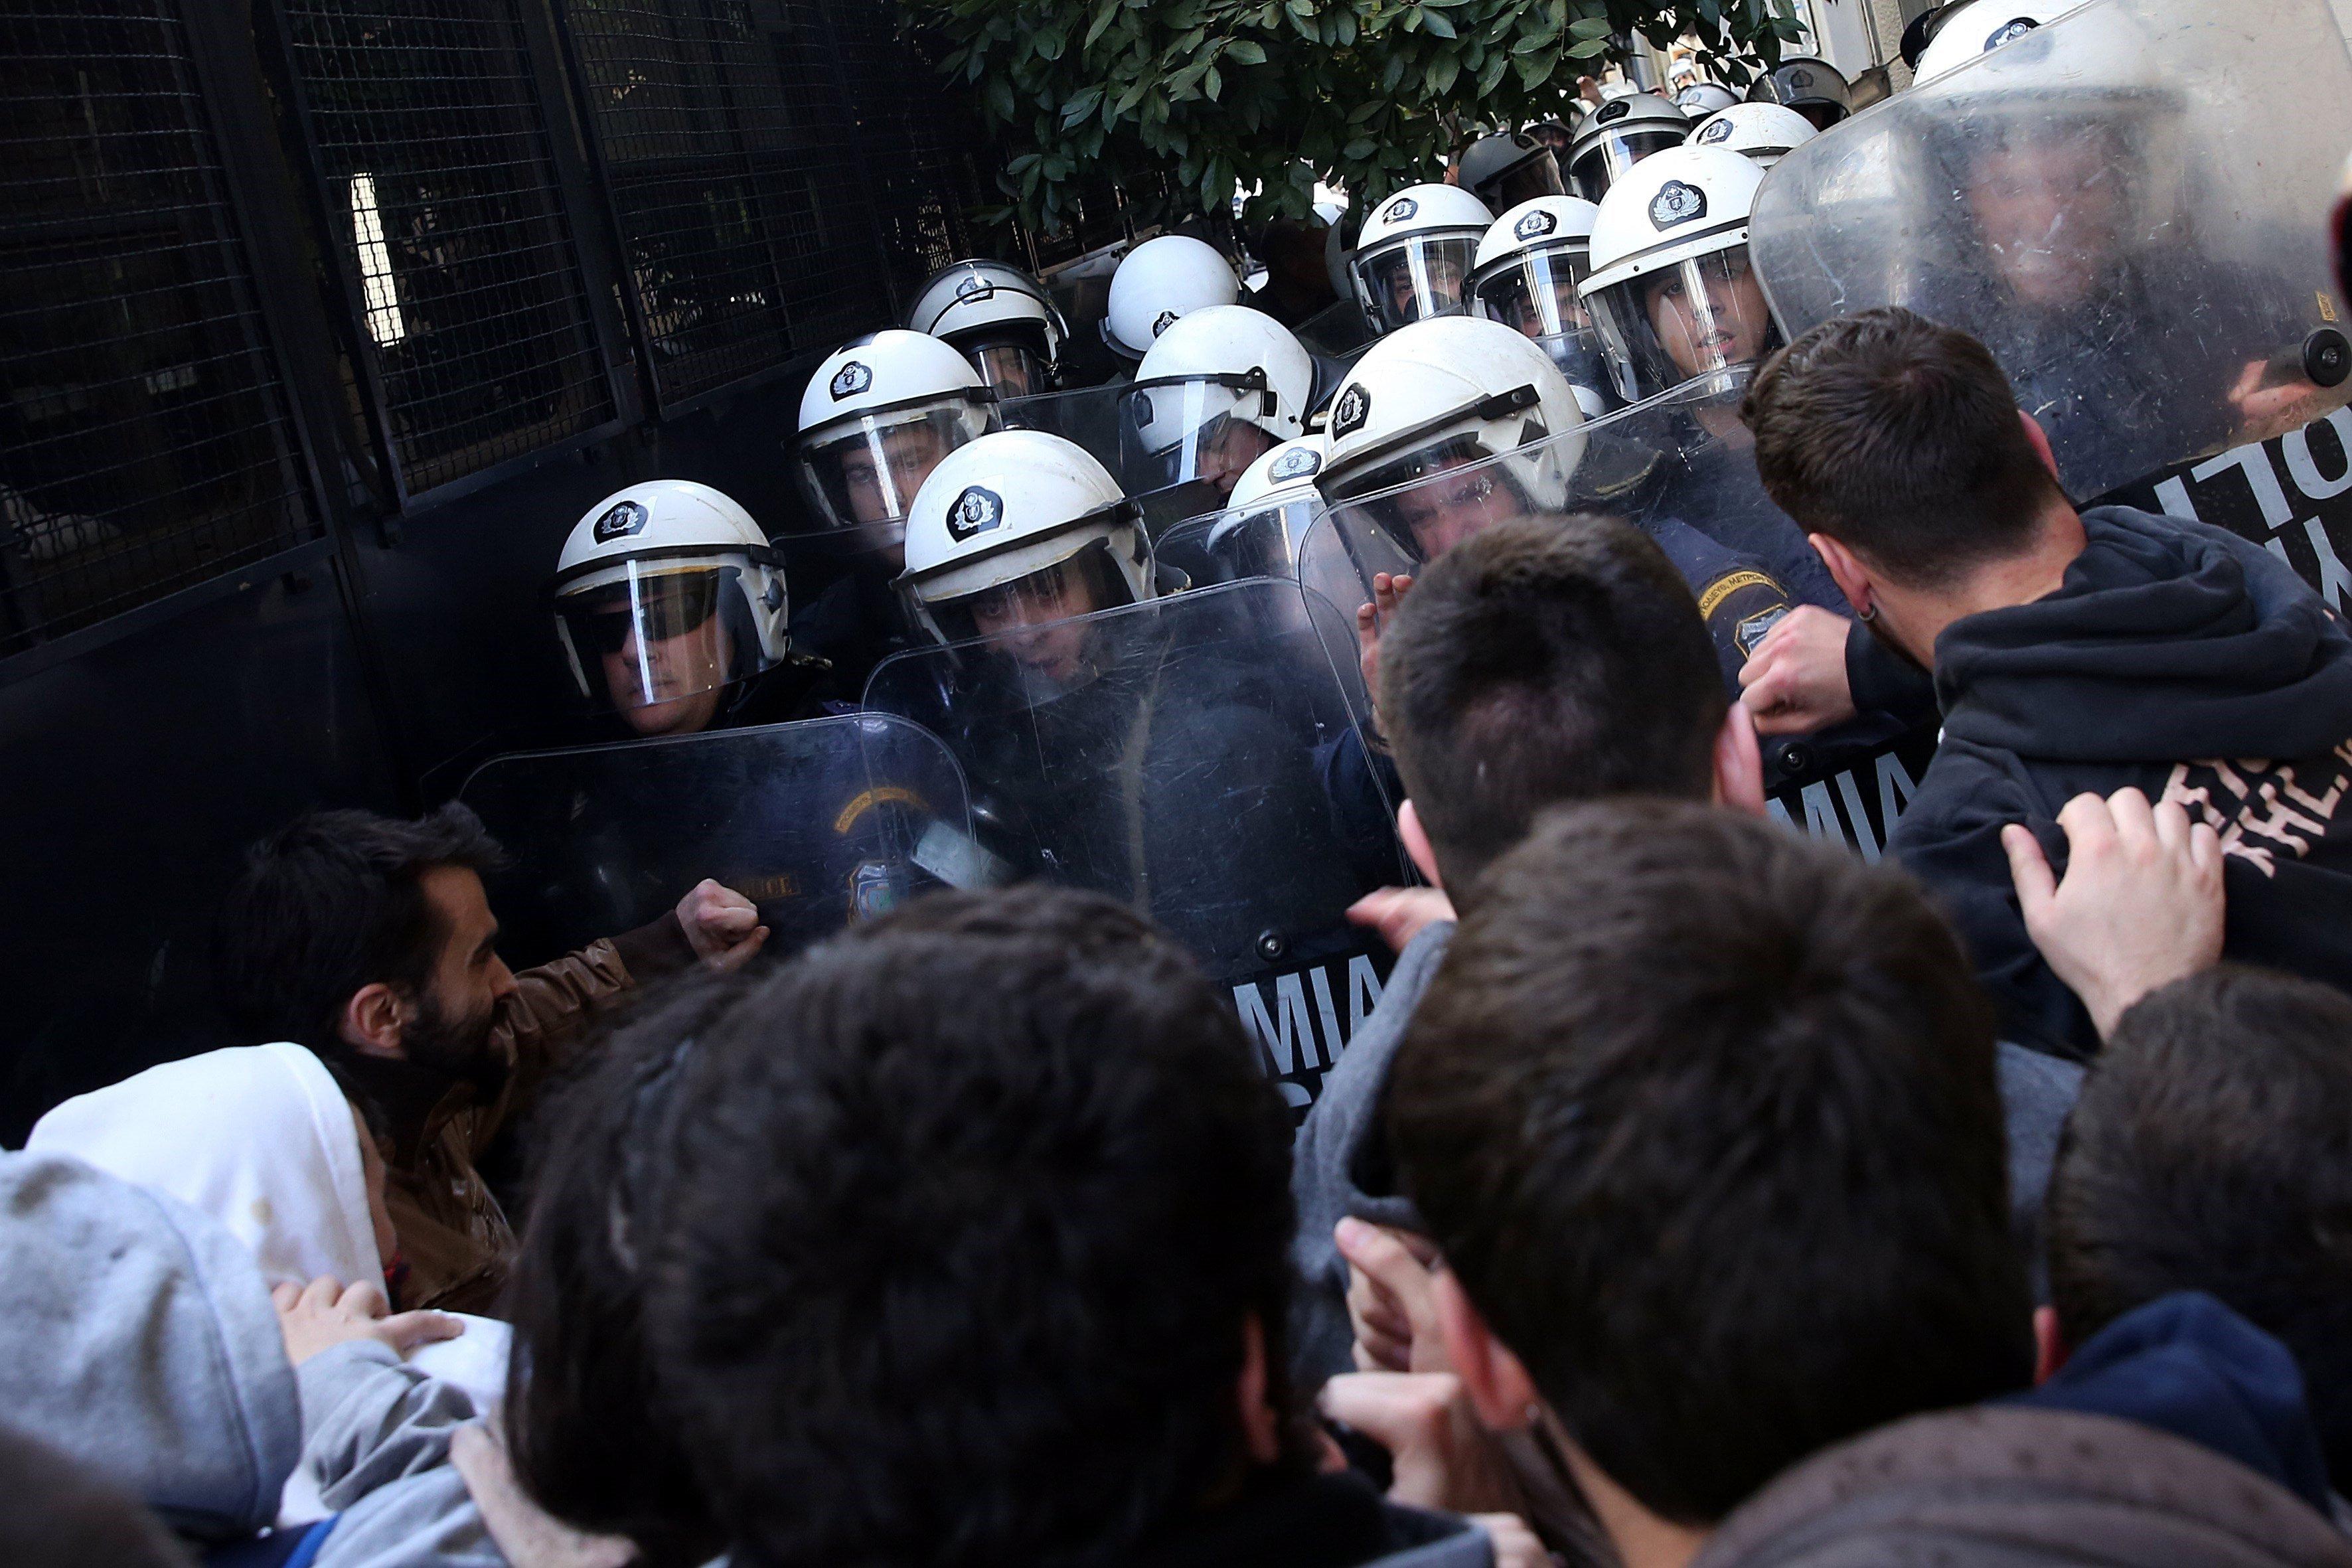 Manifestants s'enfronten als agents antidisturbis durant una protesta contra les subhastes electròniques d'habitatges, a Atenes, Grècia. /ORESTIS PANAGIOTOU